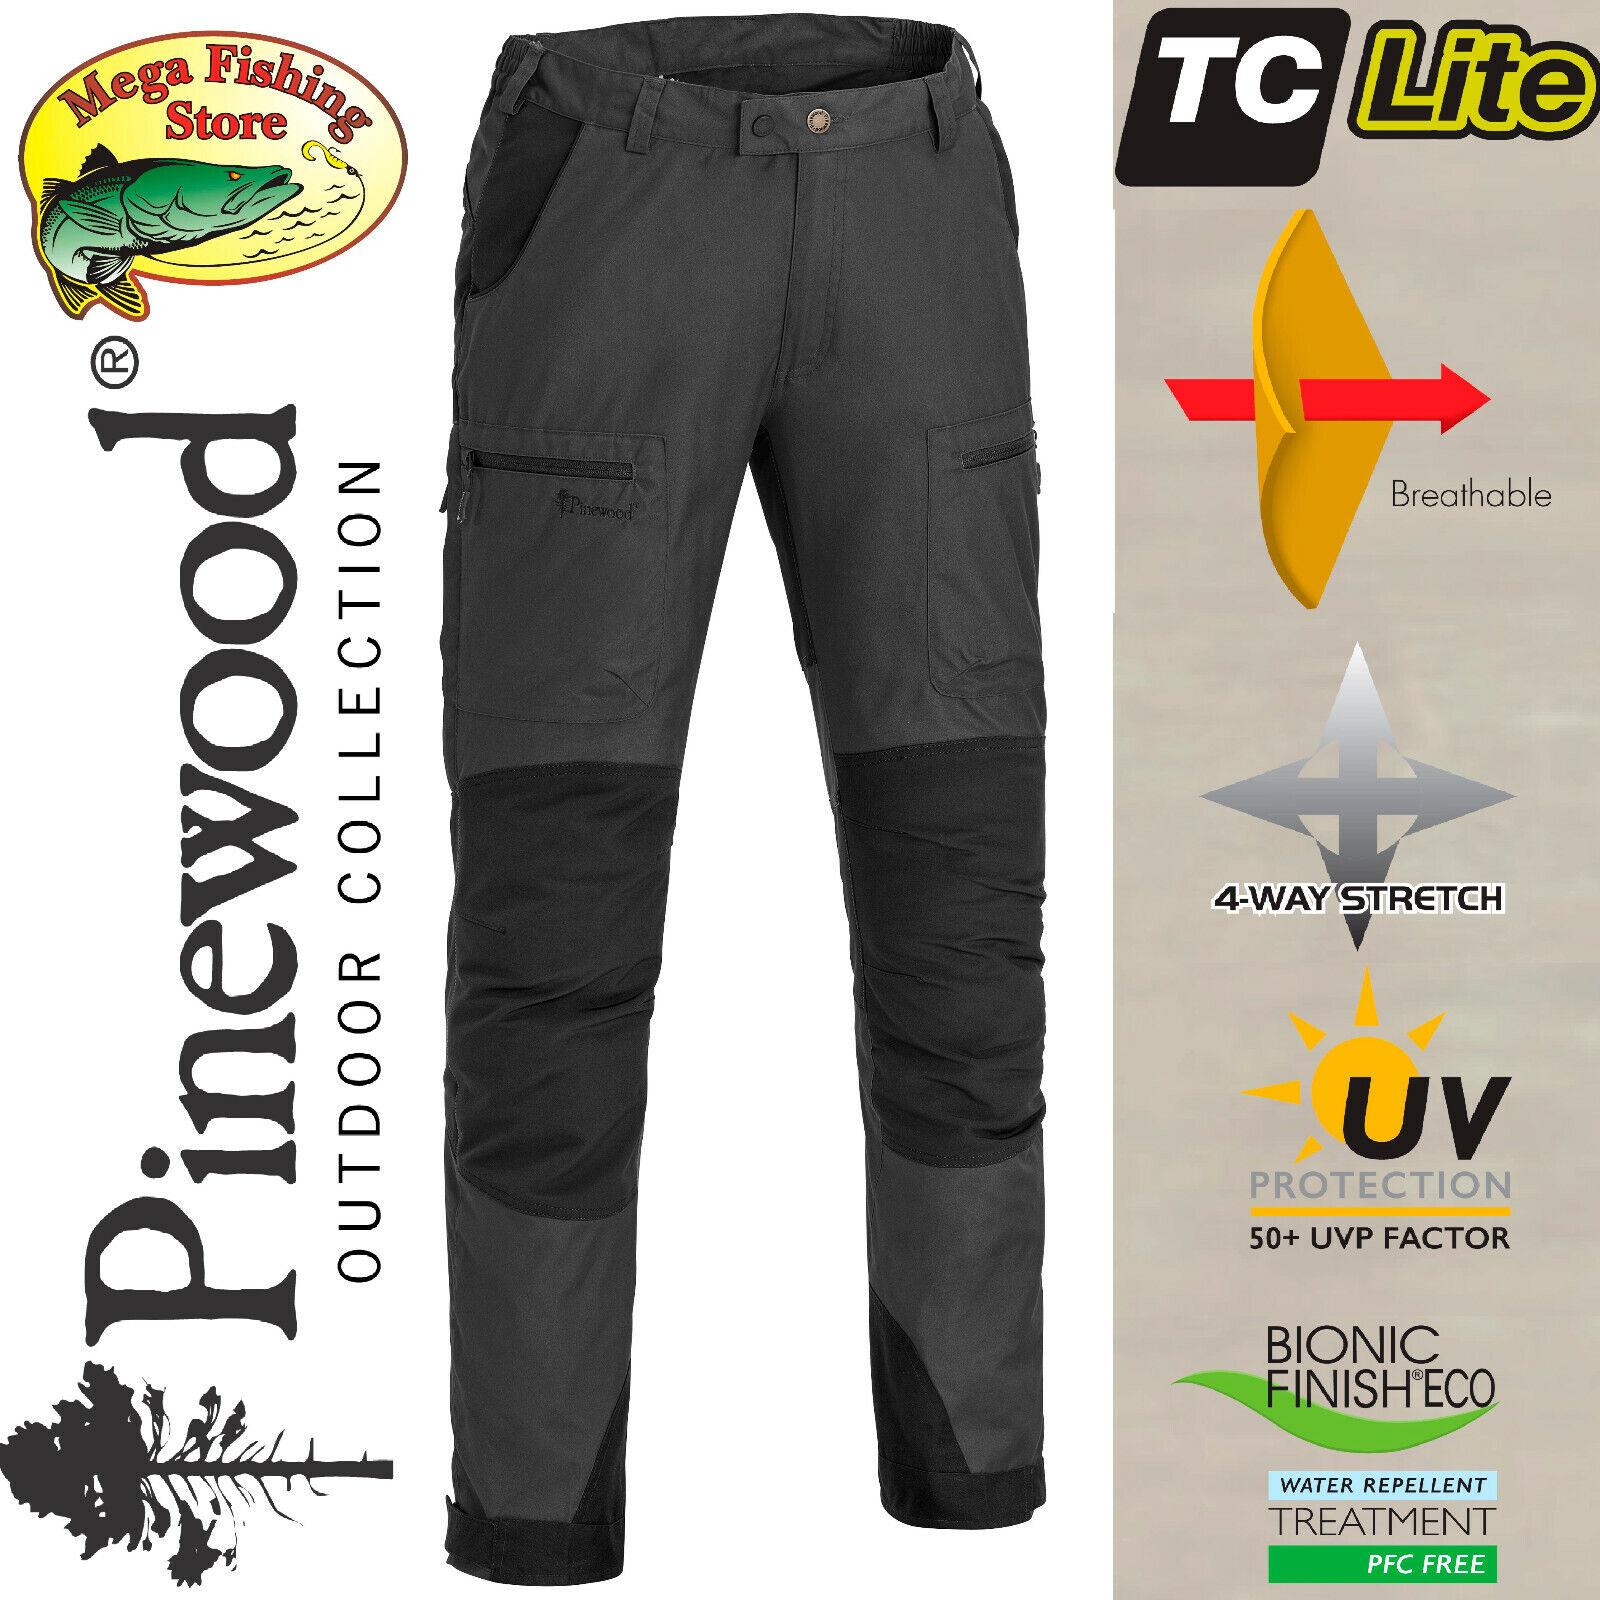 Pinewood 5085 Cocheibou TC Stretch Al  aire libre & ocio pantalones-angel pantalones Al aire librehose  orden ahora con gran descuento y entrega gratuita